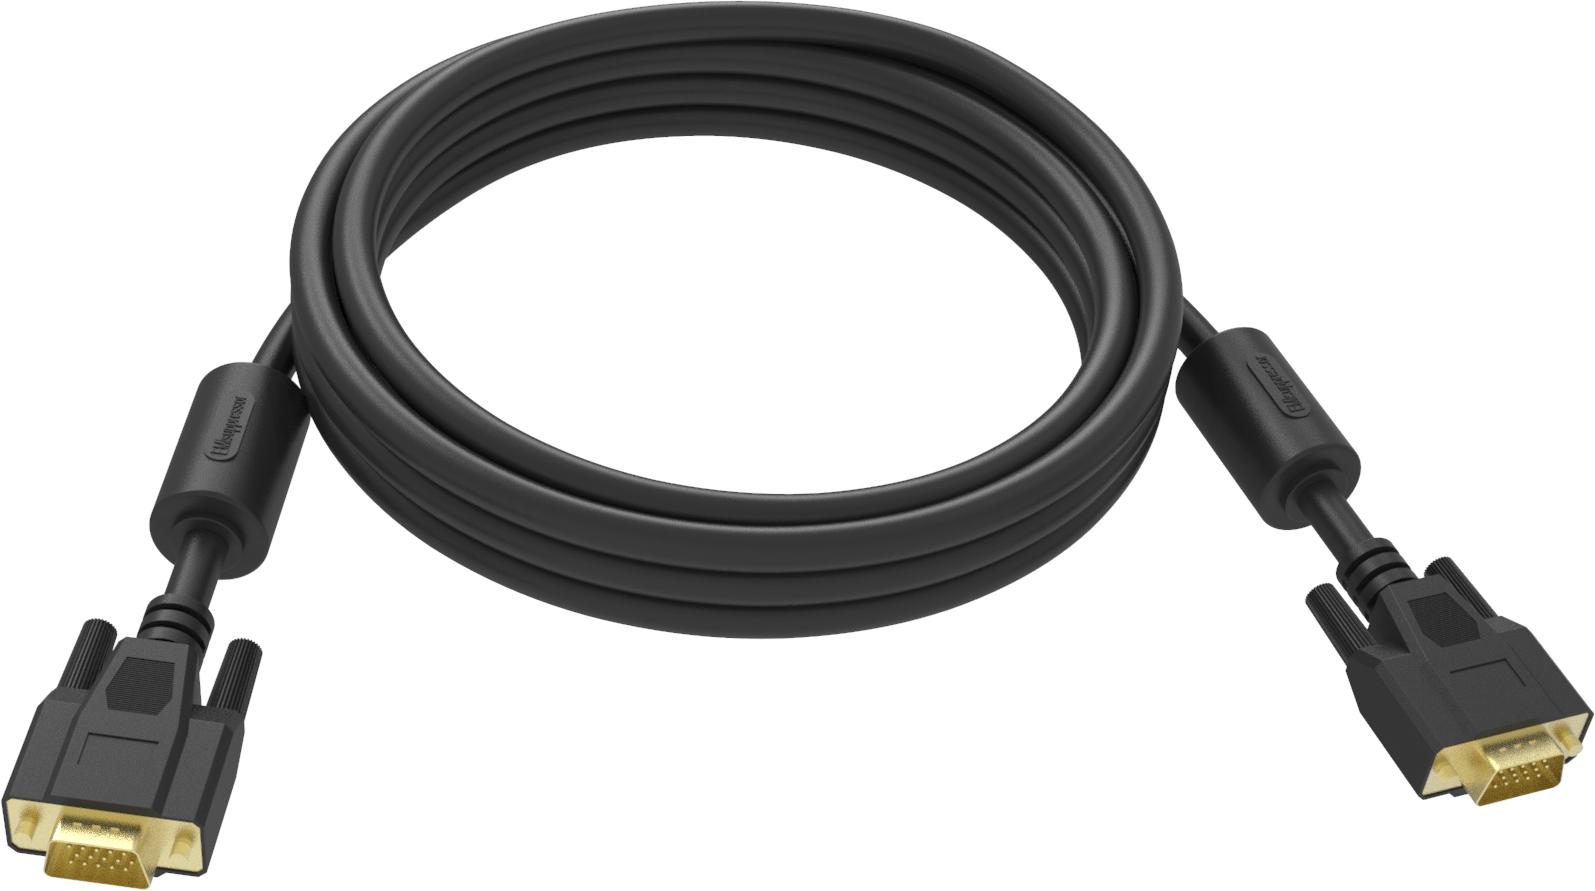 Vision TC 10MVGAP/BL cable VGA 10 m VGA (D-Sub) Negro